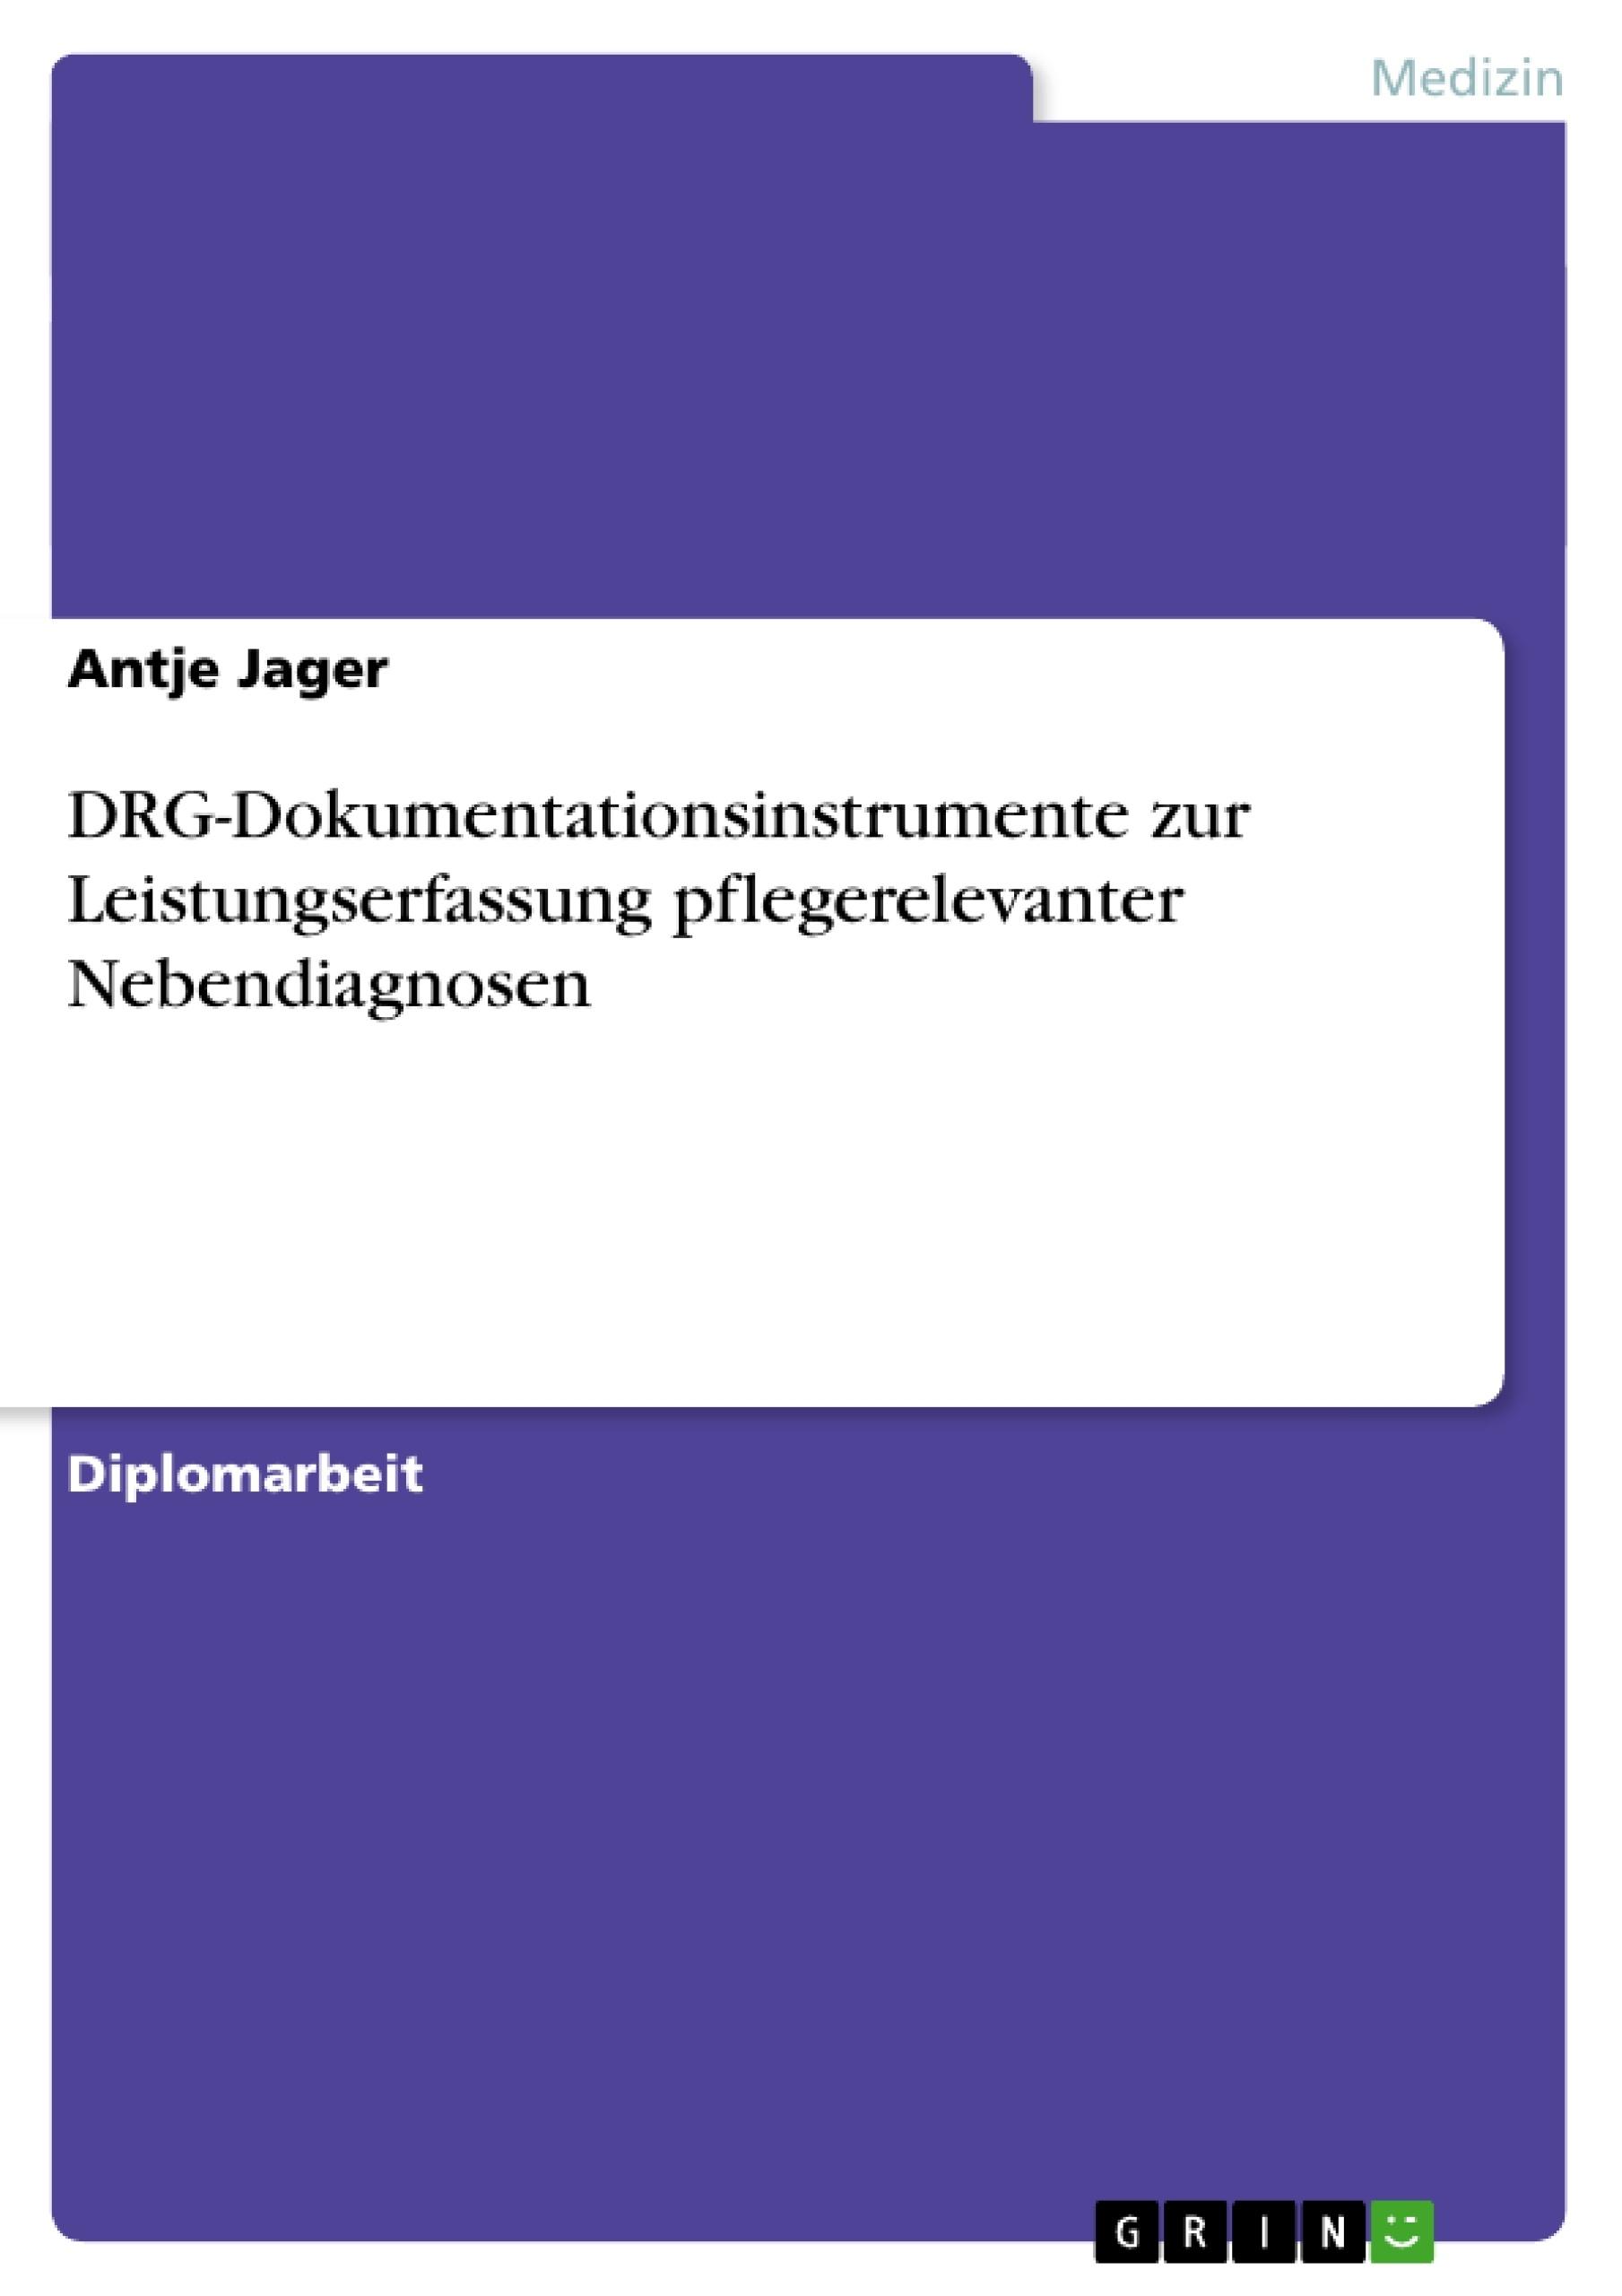 Titel: DRG-Dokumentationsinstrumente zur Leistungserfassung pflegerelevanter Nebendiagnosen